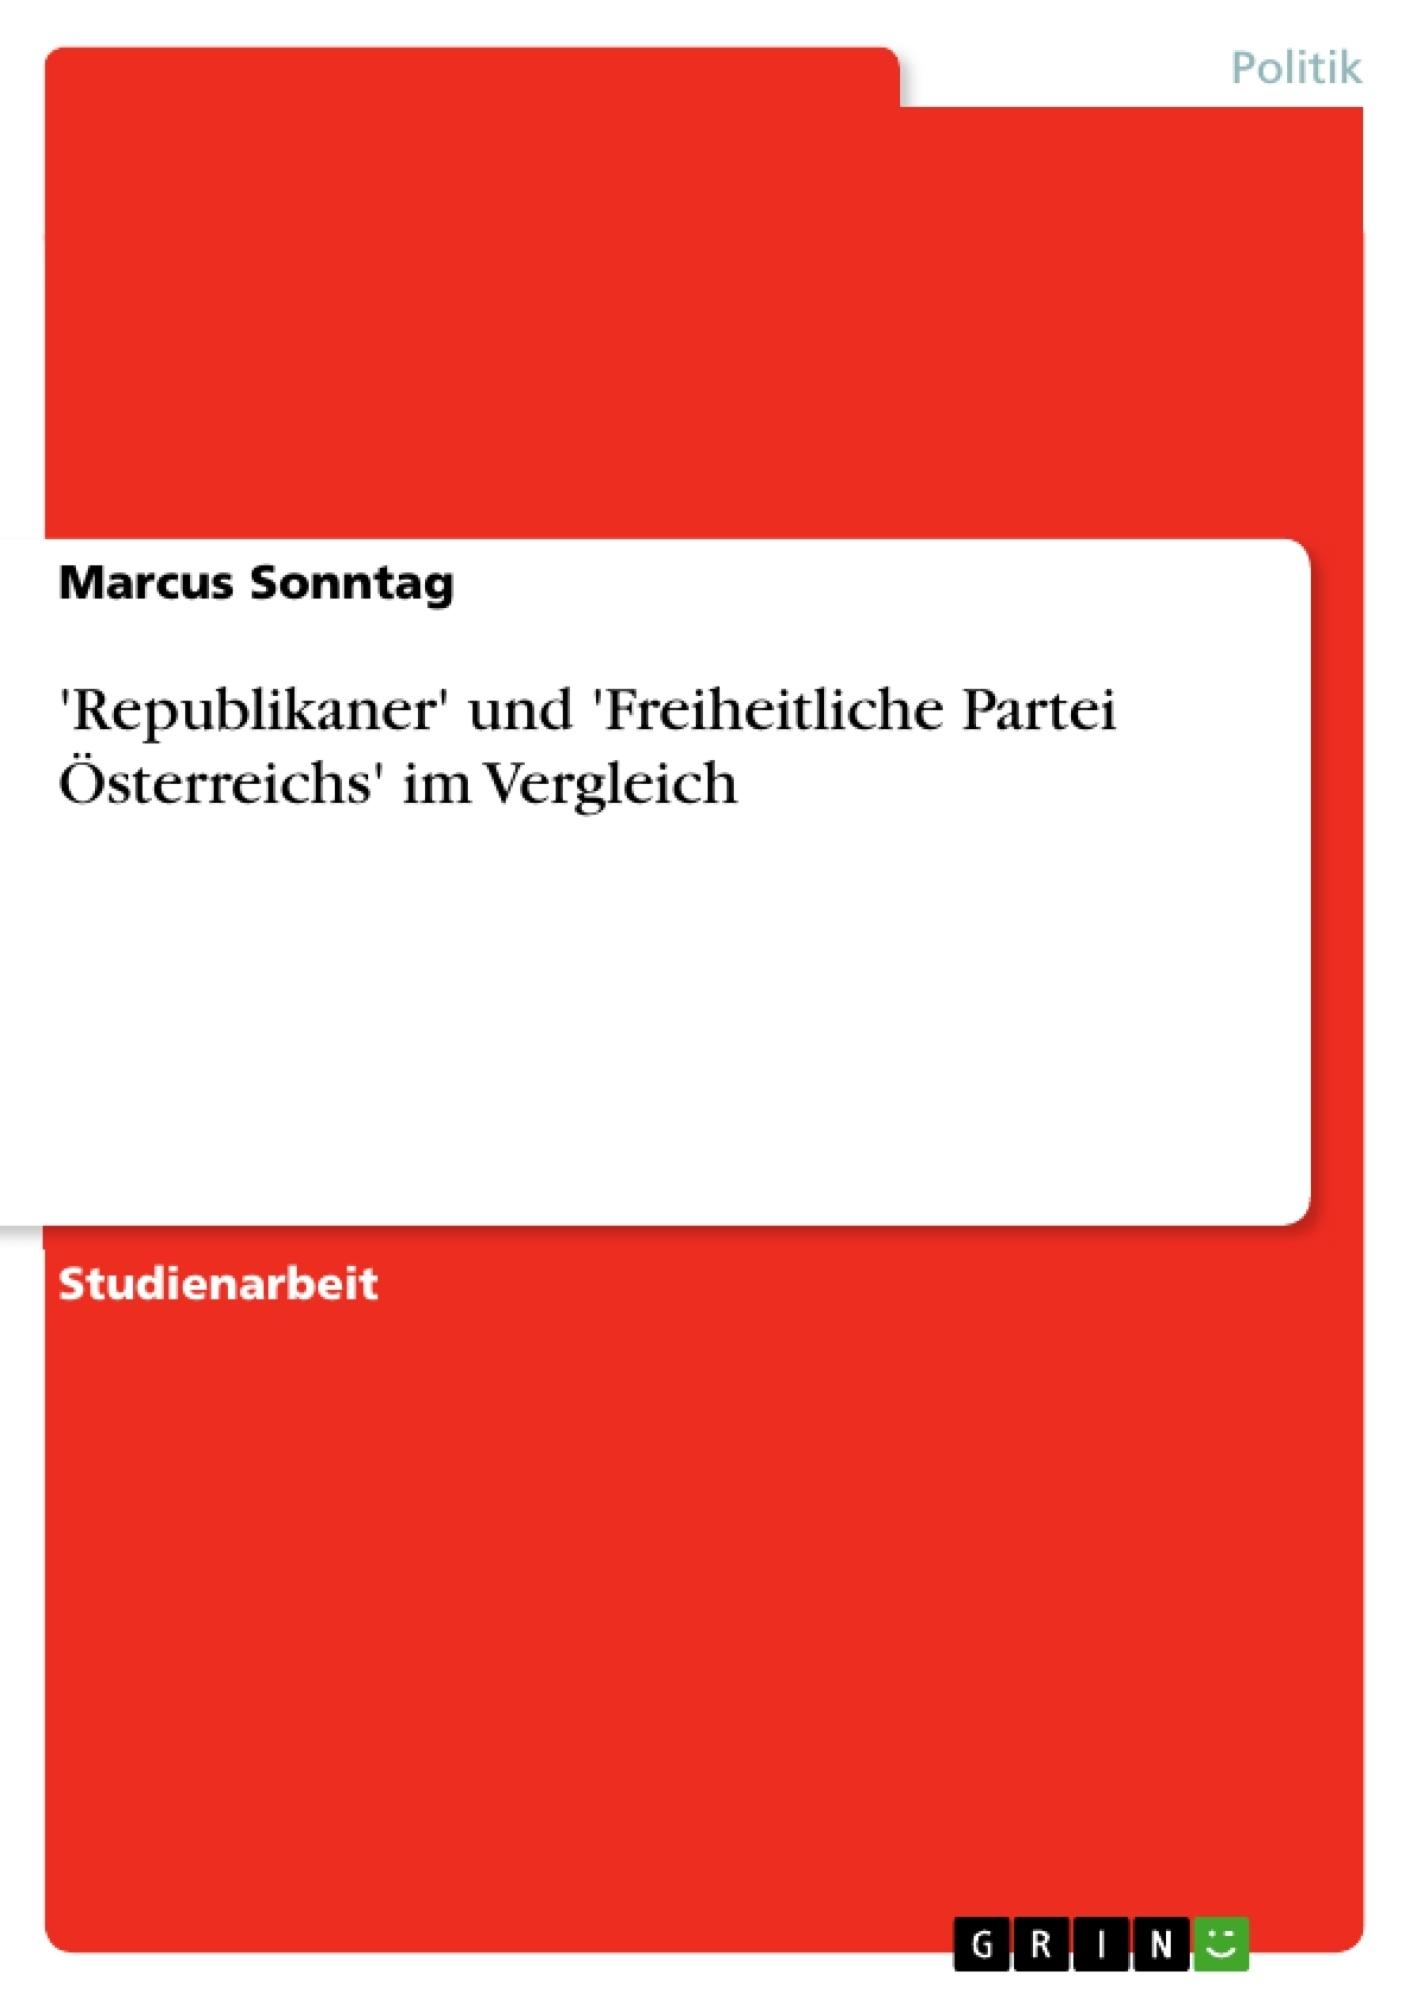 Titel: 'Republikaner' und  'Freiheitliche Partei Österreichs' im Vergleich